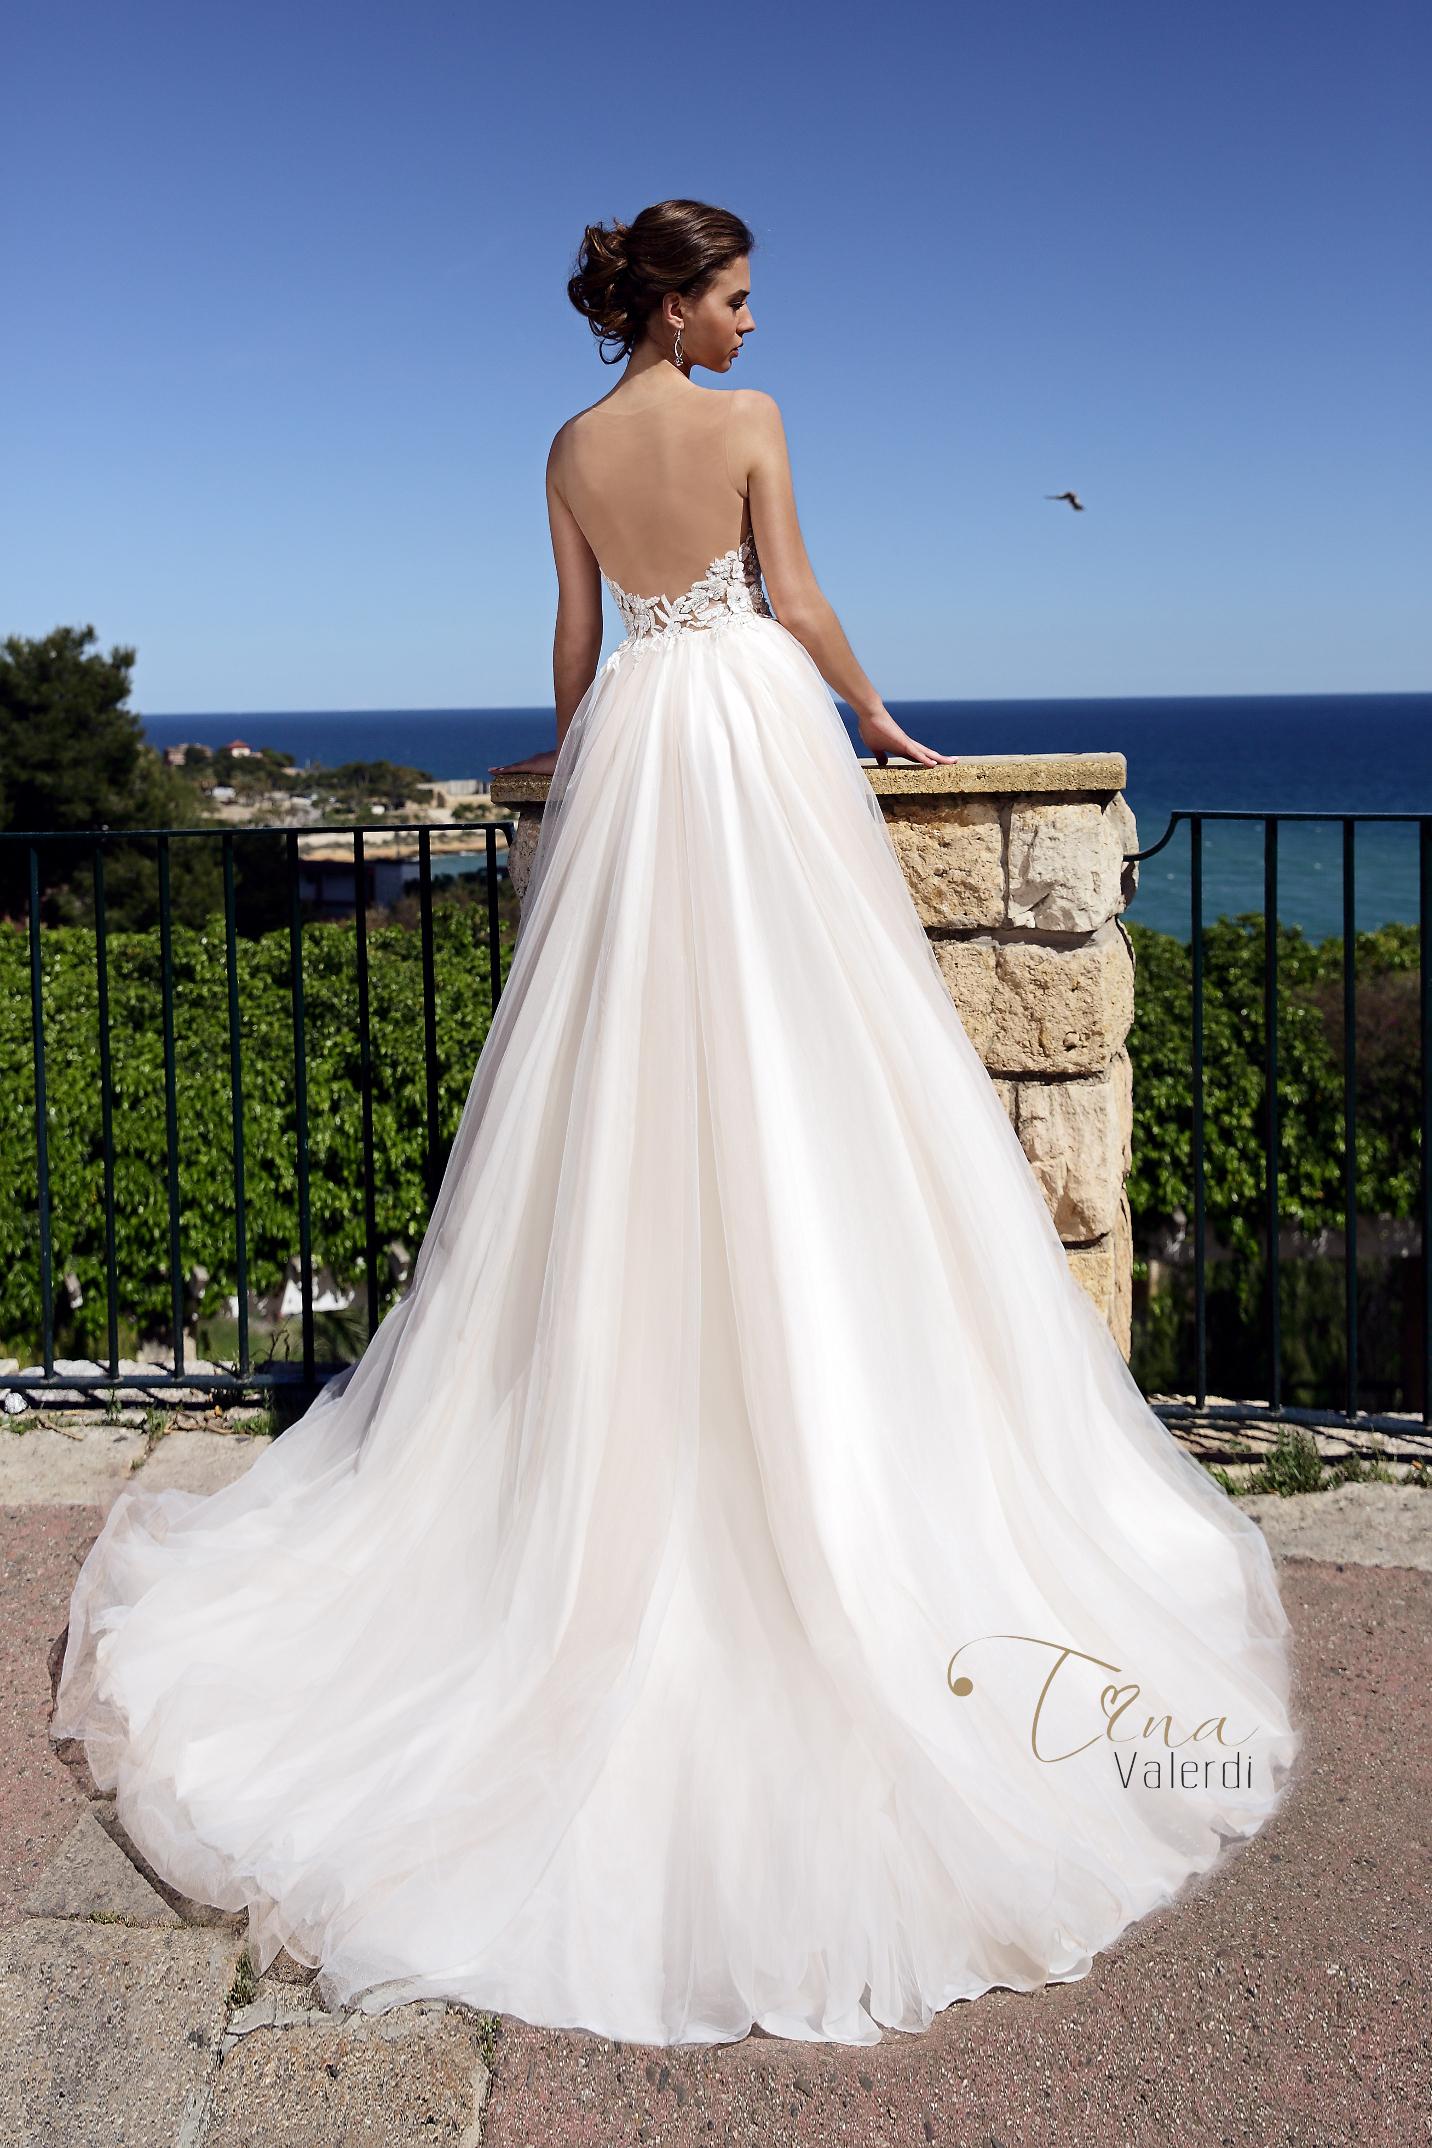 vestuvines sukneles tina valerdi Enrica3